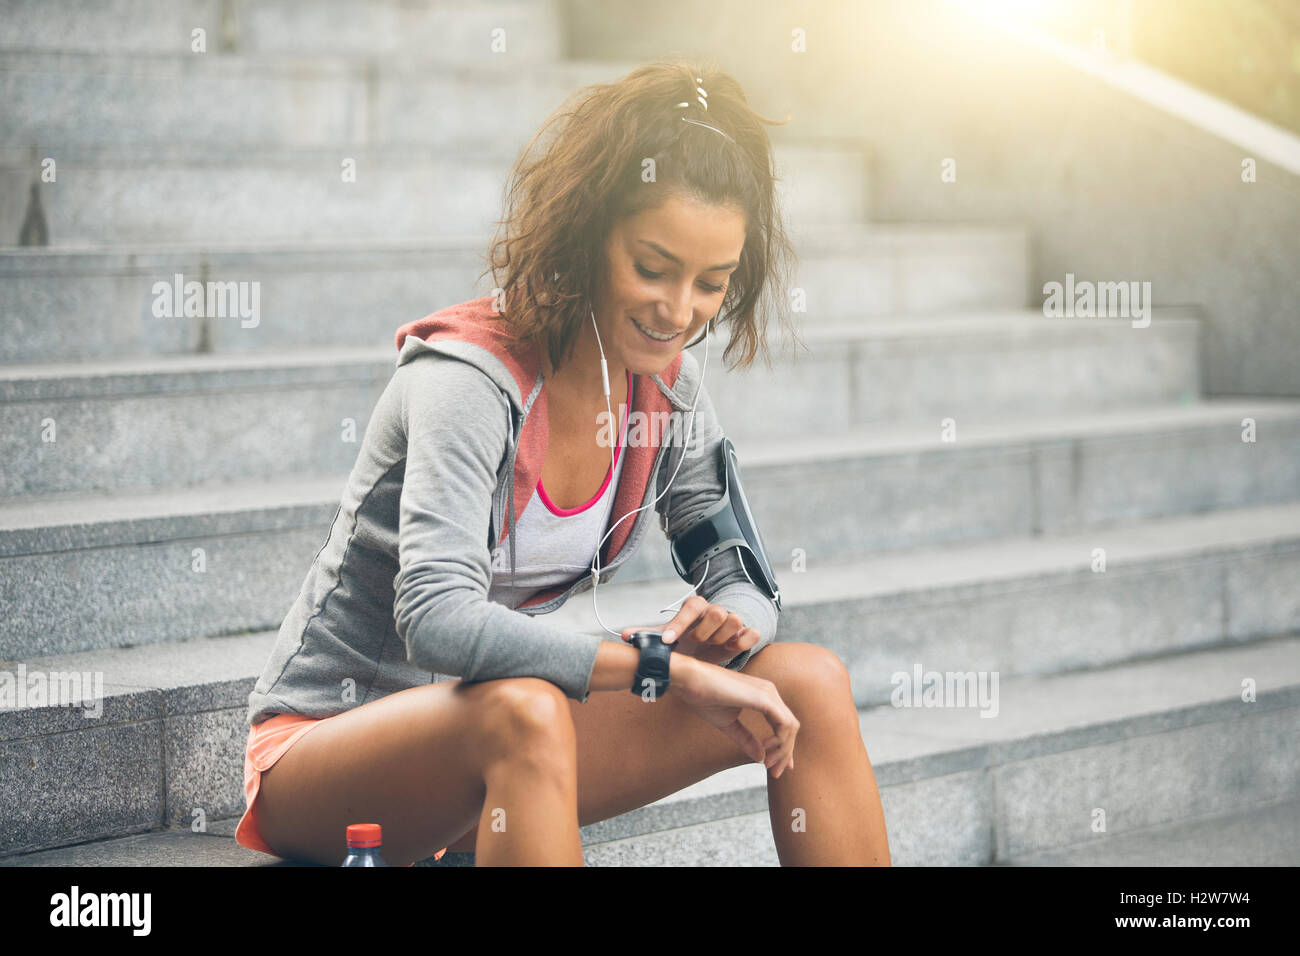 Femminile guardando il suo orologio sportivo. Misurazione della frequenza cardiaca Immagini Stock